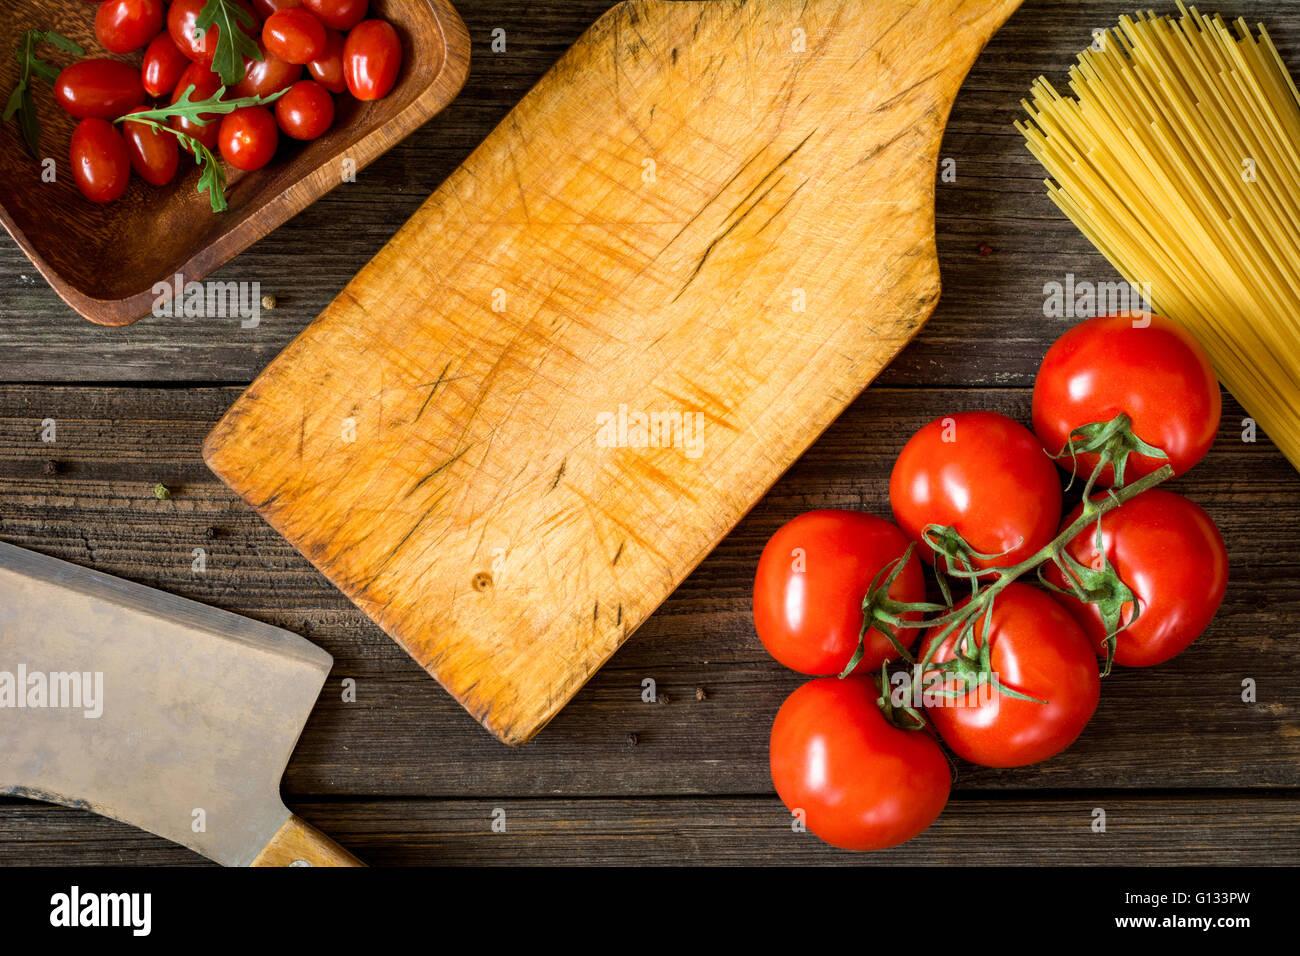 Draufsicht Speisen der italienischen Küche Zutaten auf rustikalen hölzernen Hintergrund. Spaghetti Nudeln, Stockbild